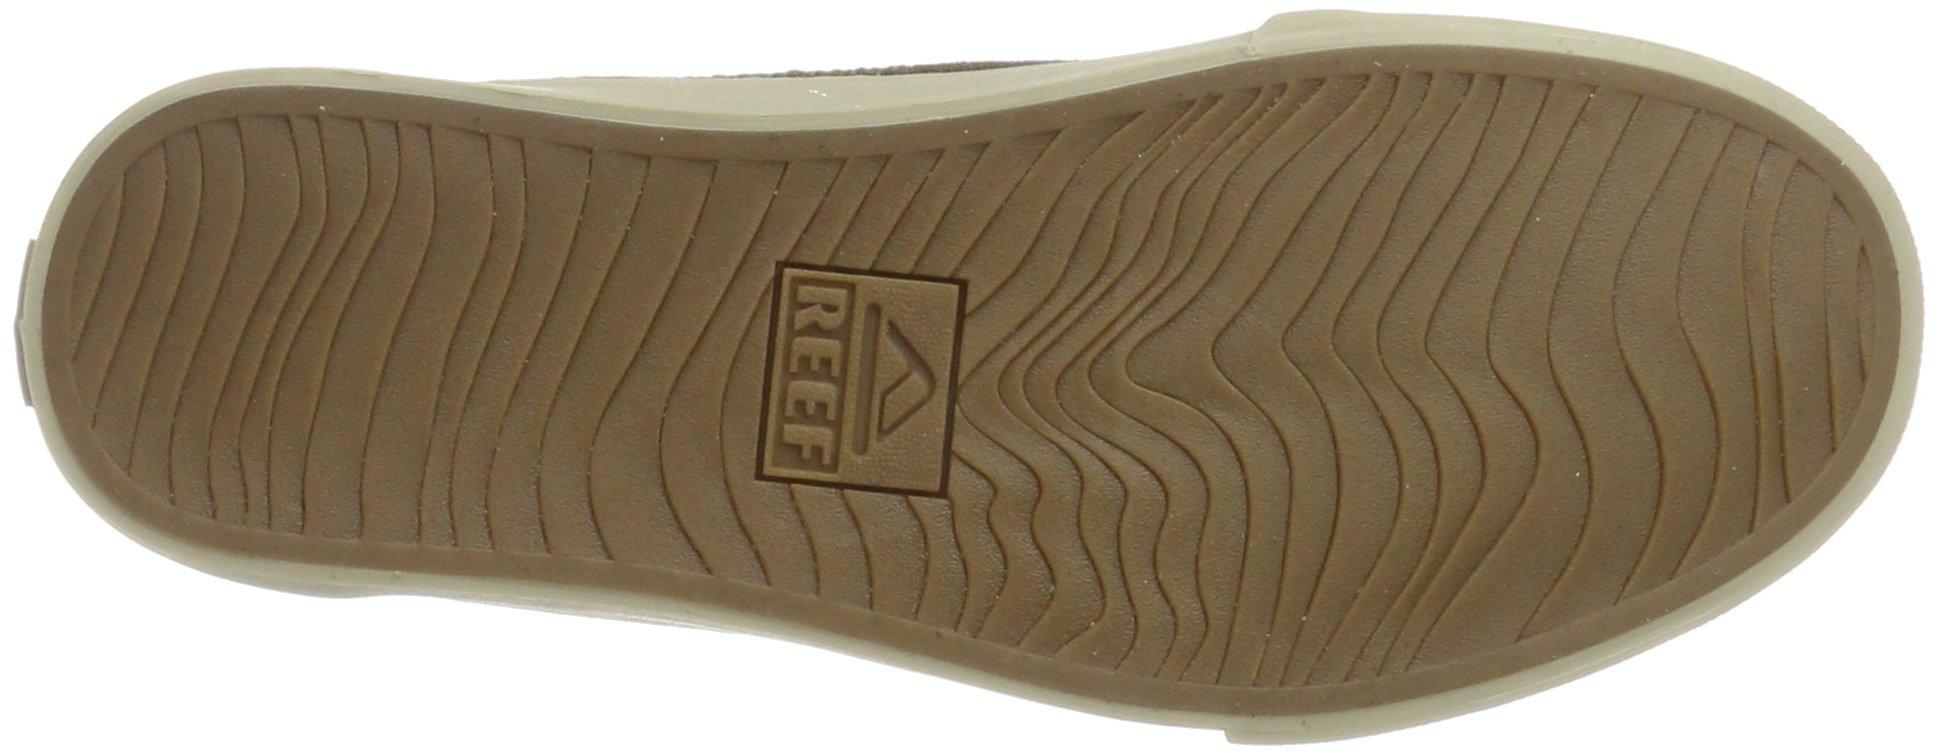 Reef Men S Ridge Tx Fashion Sneaker